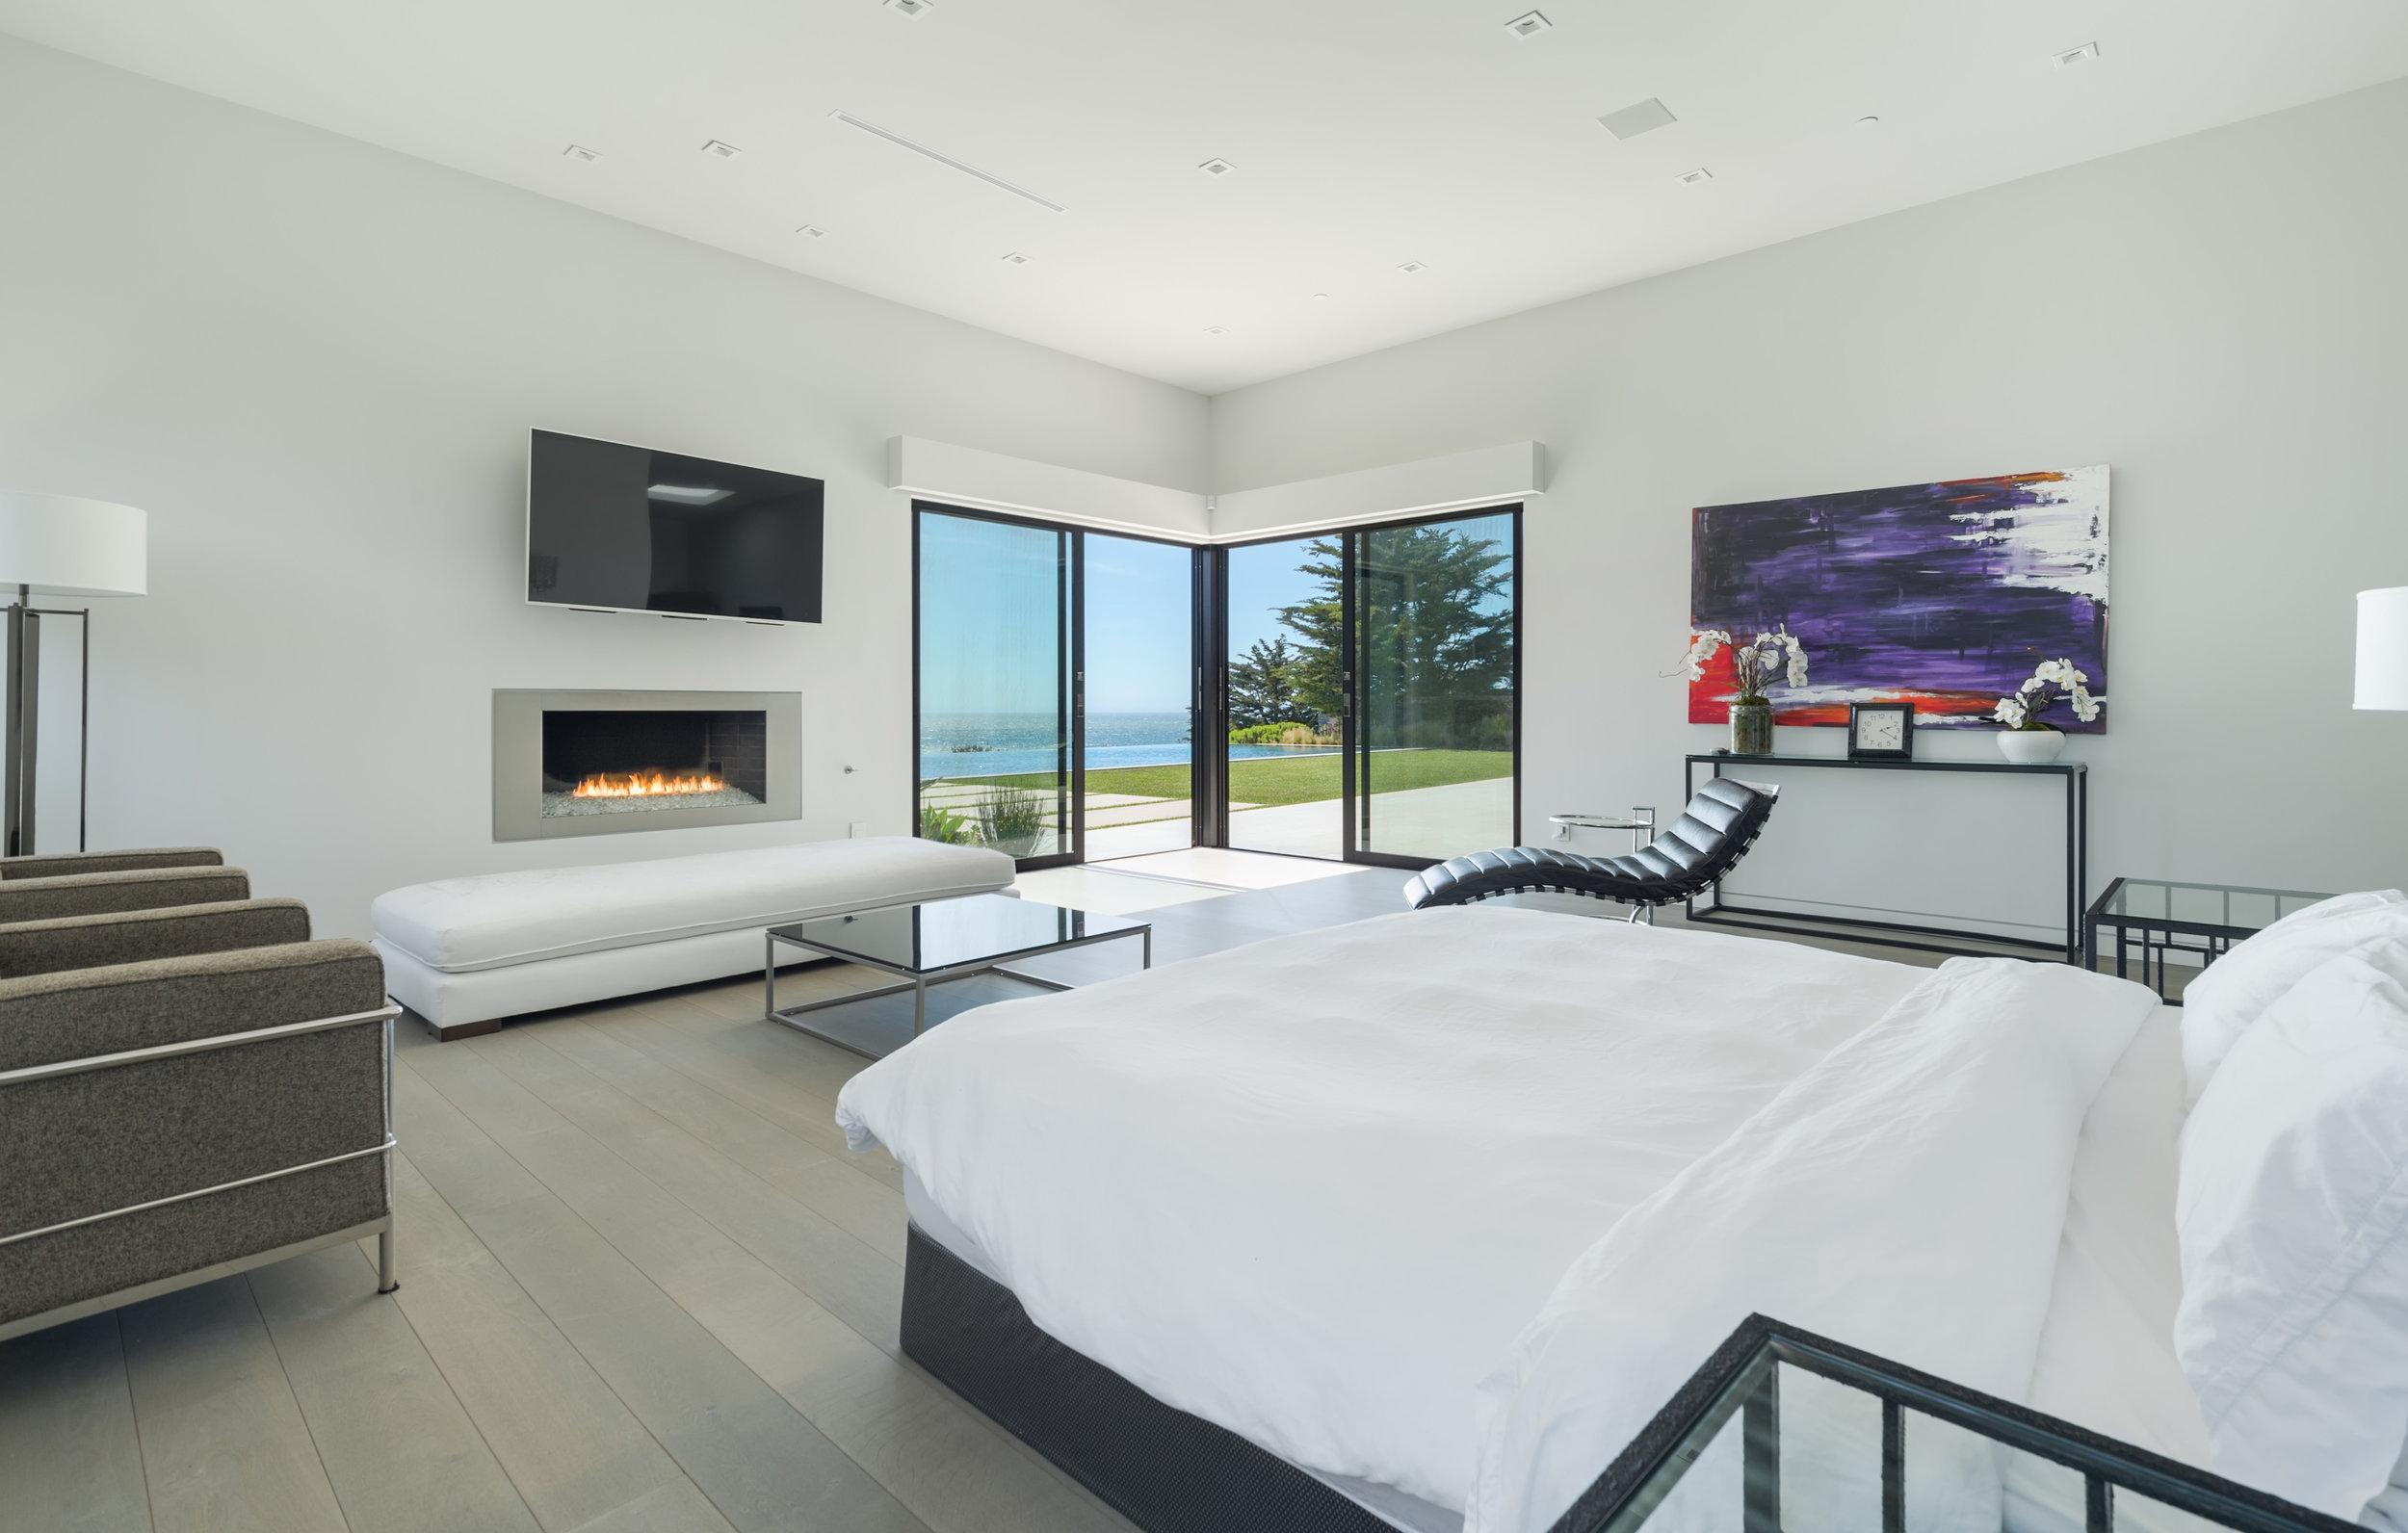 005 master bedroom 2 11902 Ellice Street Malibu For Sale The Malibu Life Team Luxury Real Estate.jpg